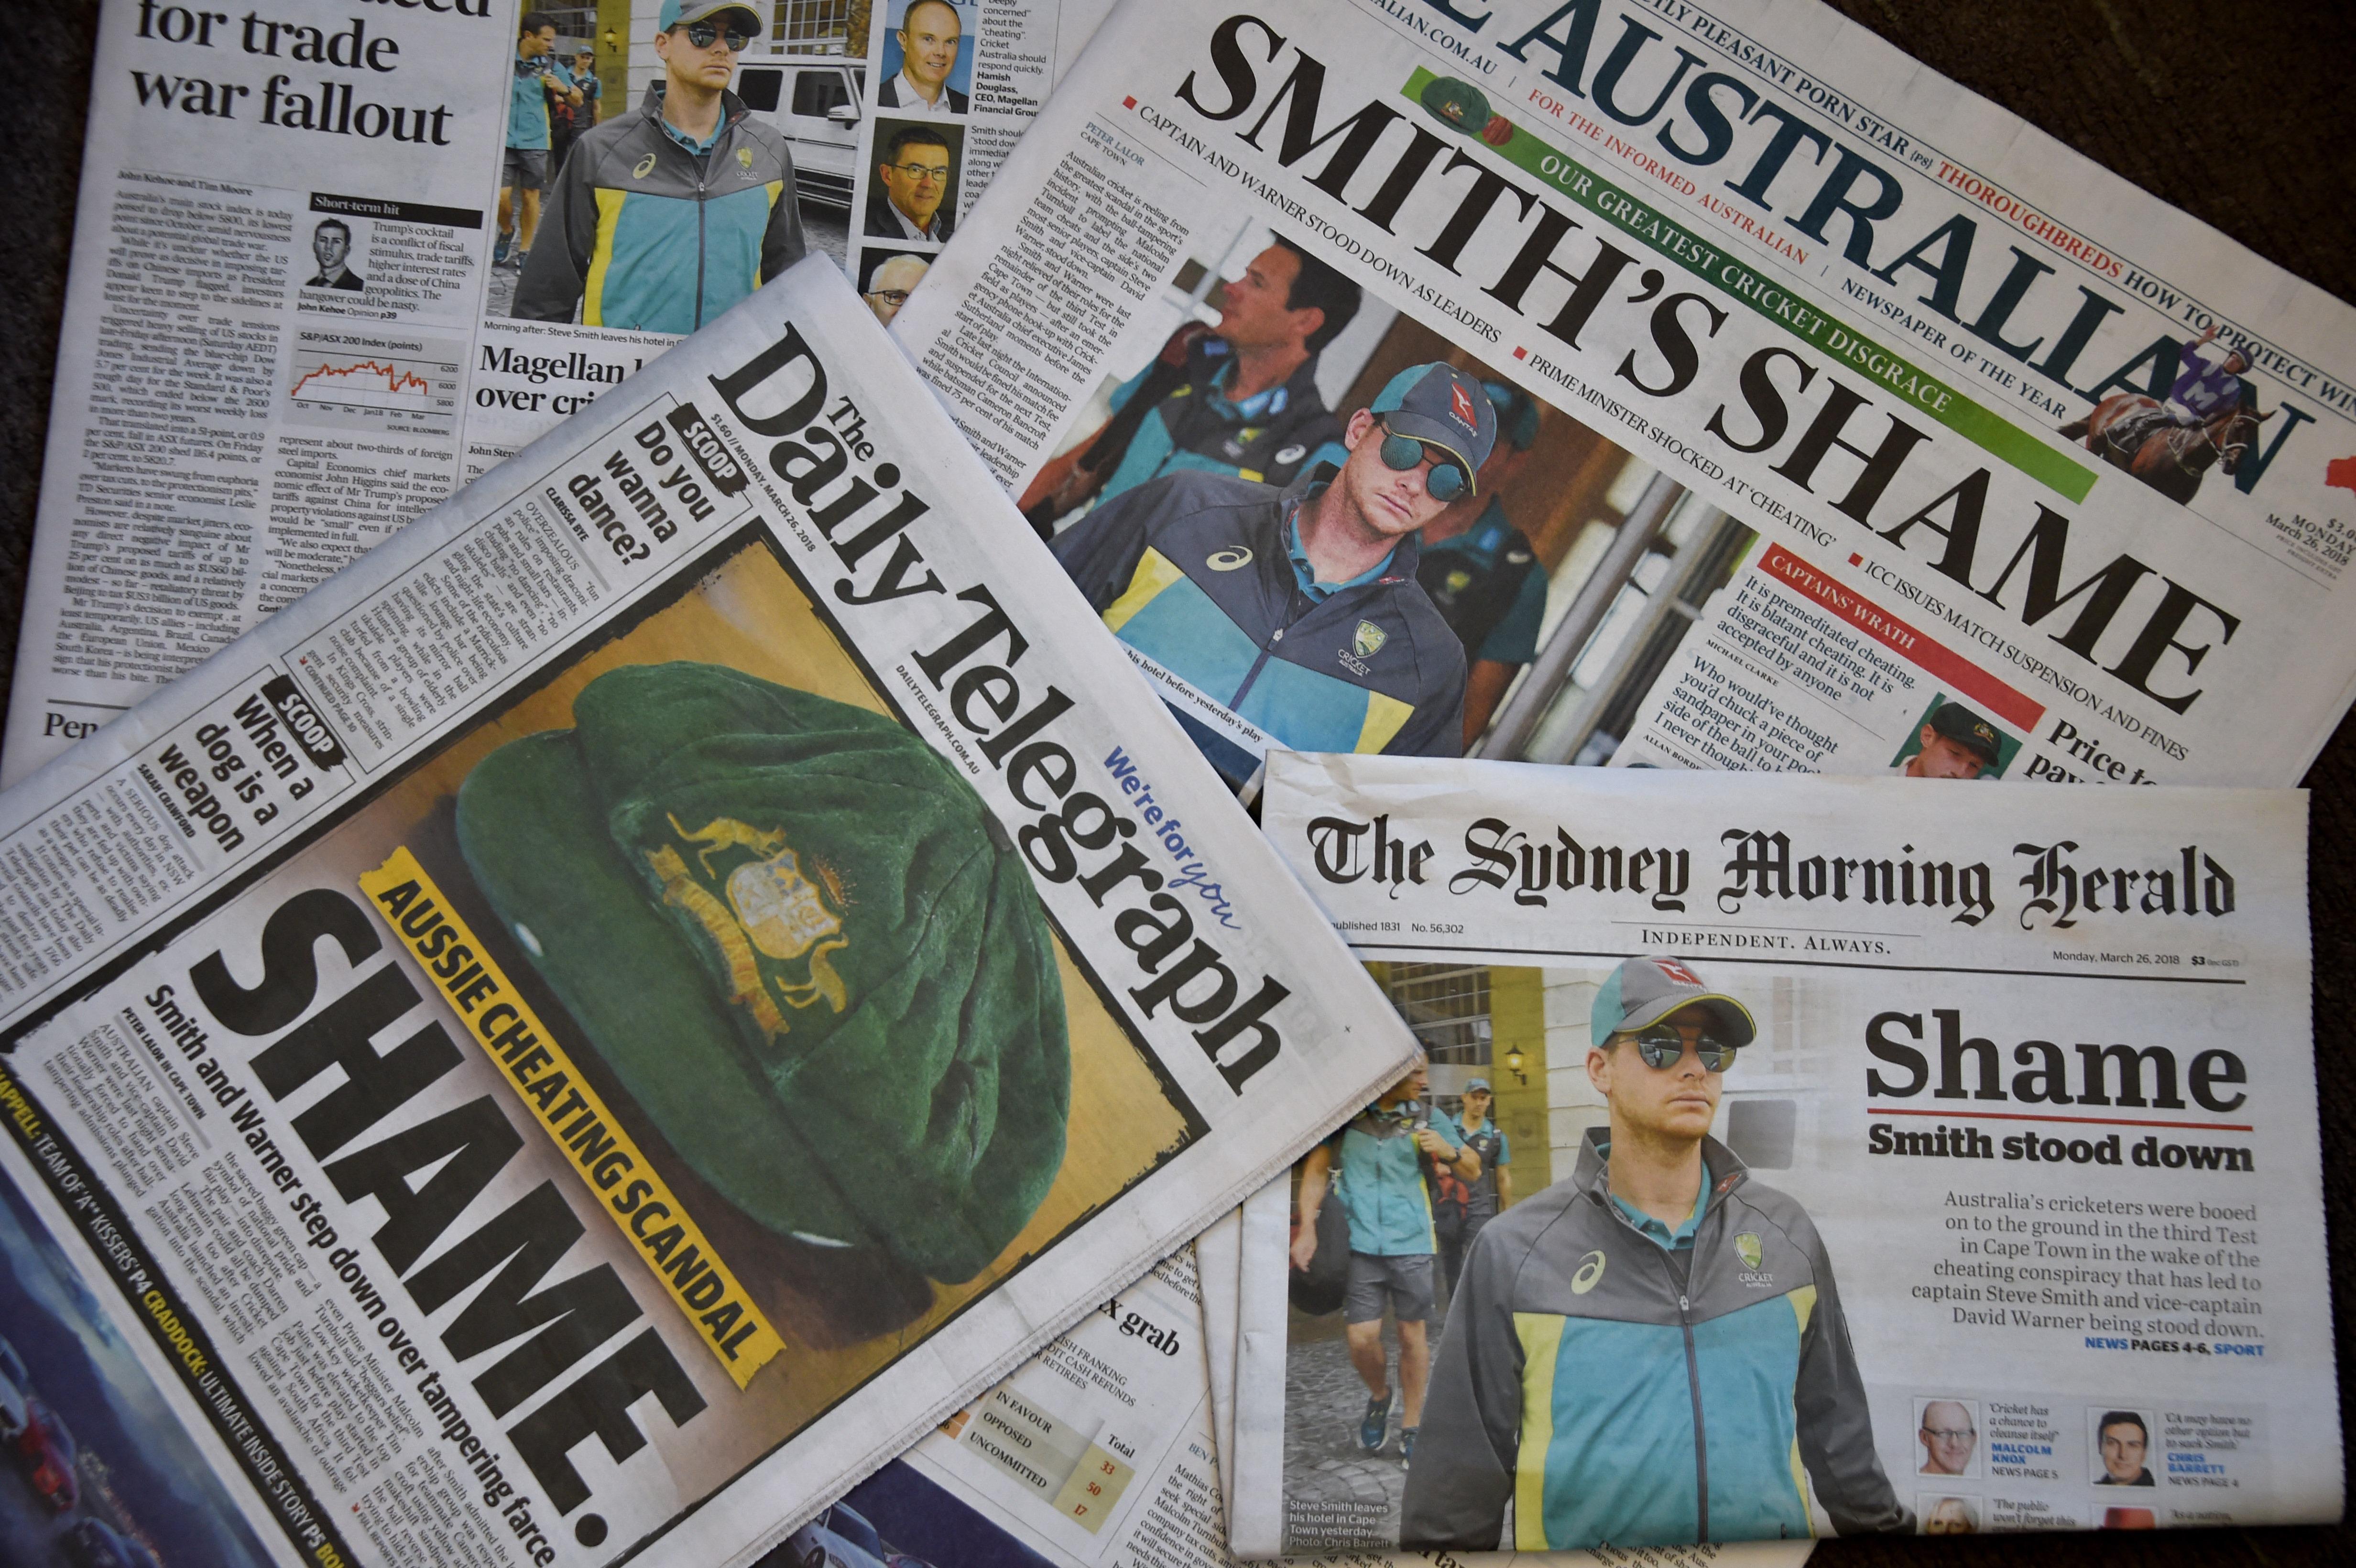 Ausztráliában mostantól felelőssé tehetők a médiacégek a posztjaik alá írt kommentek miatt